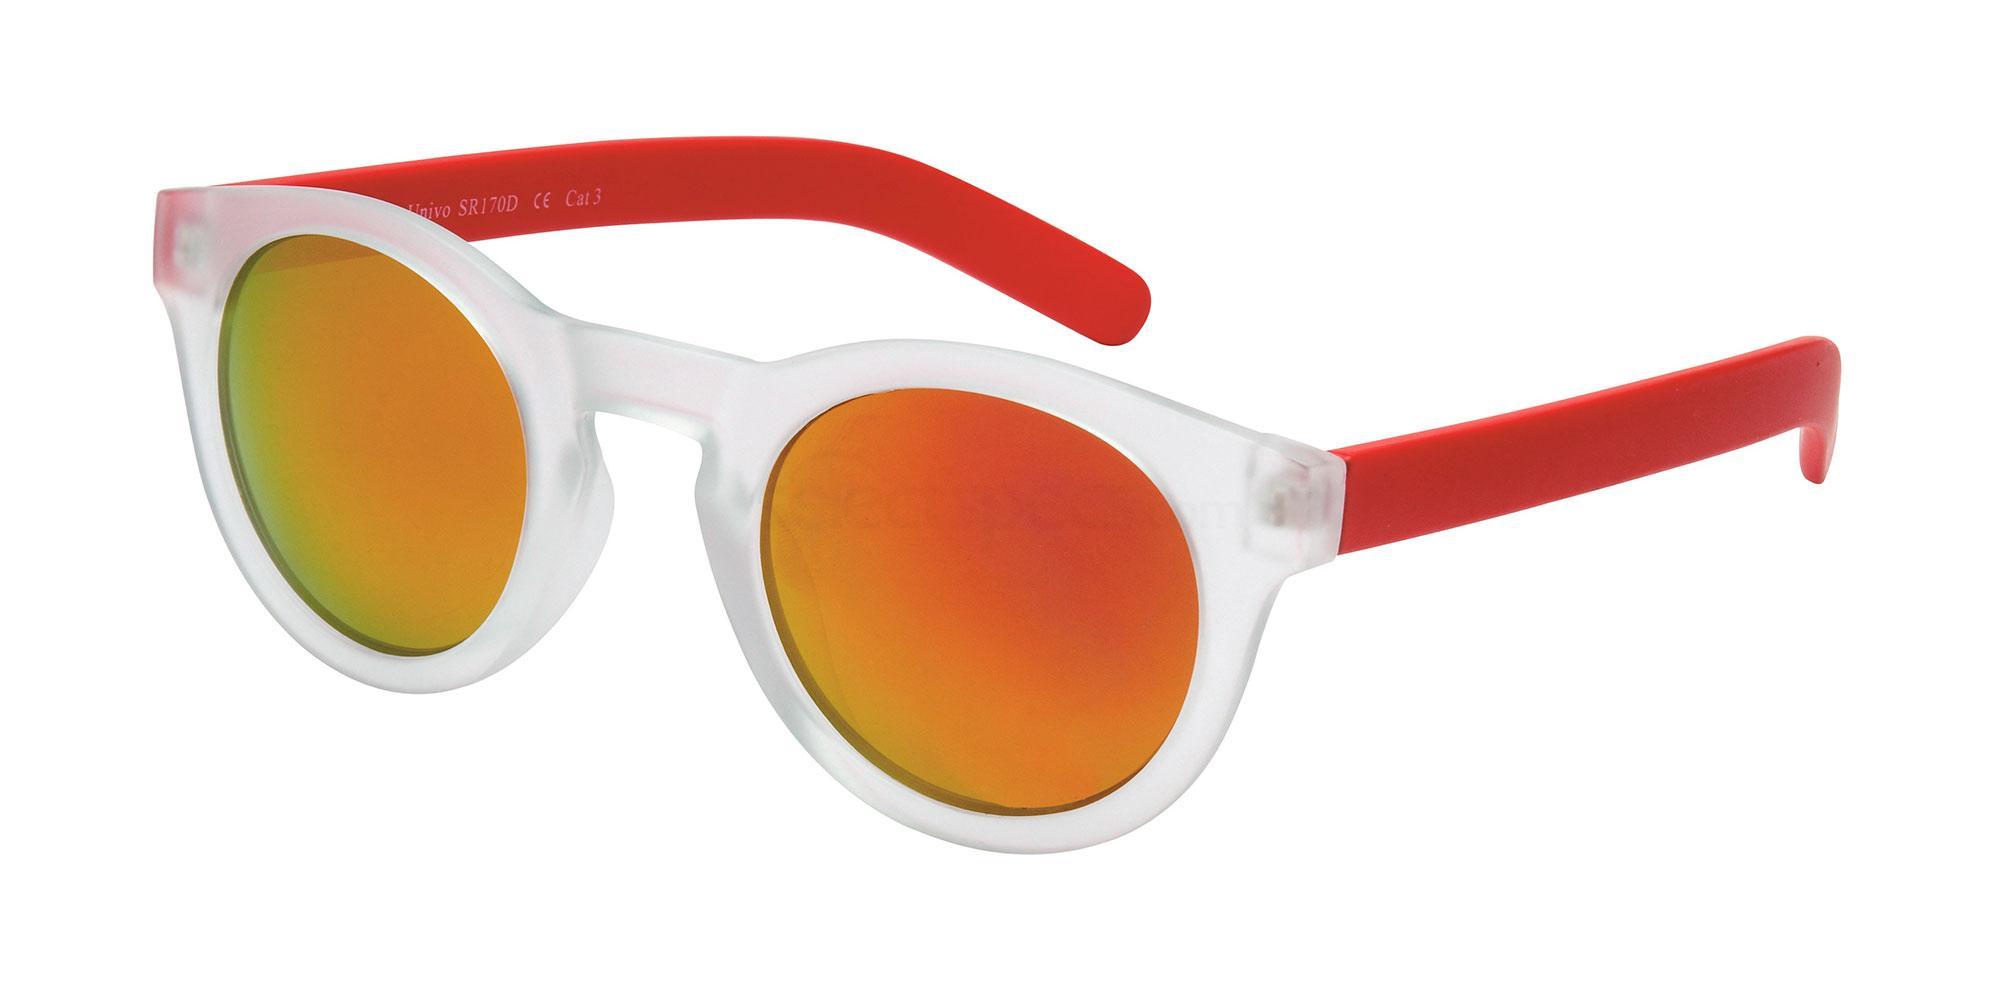 tinted sunglasses bella hadid